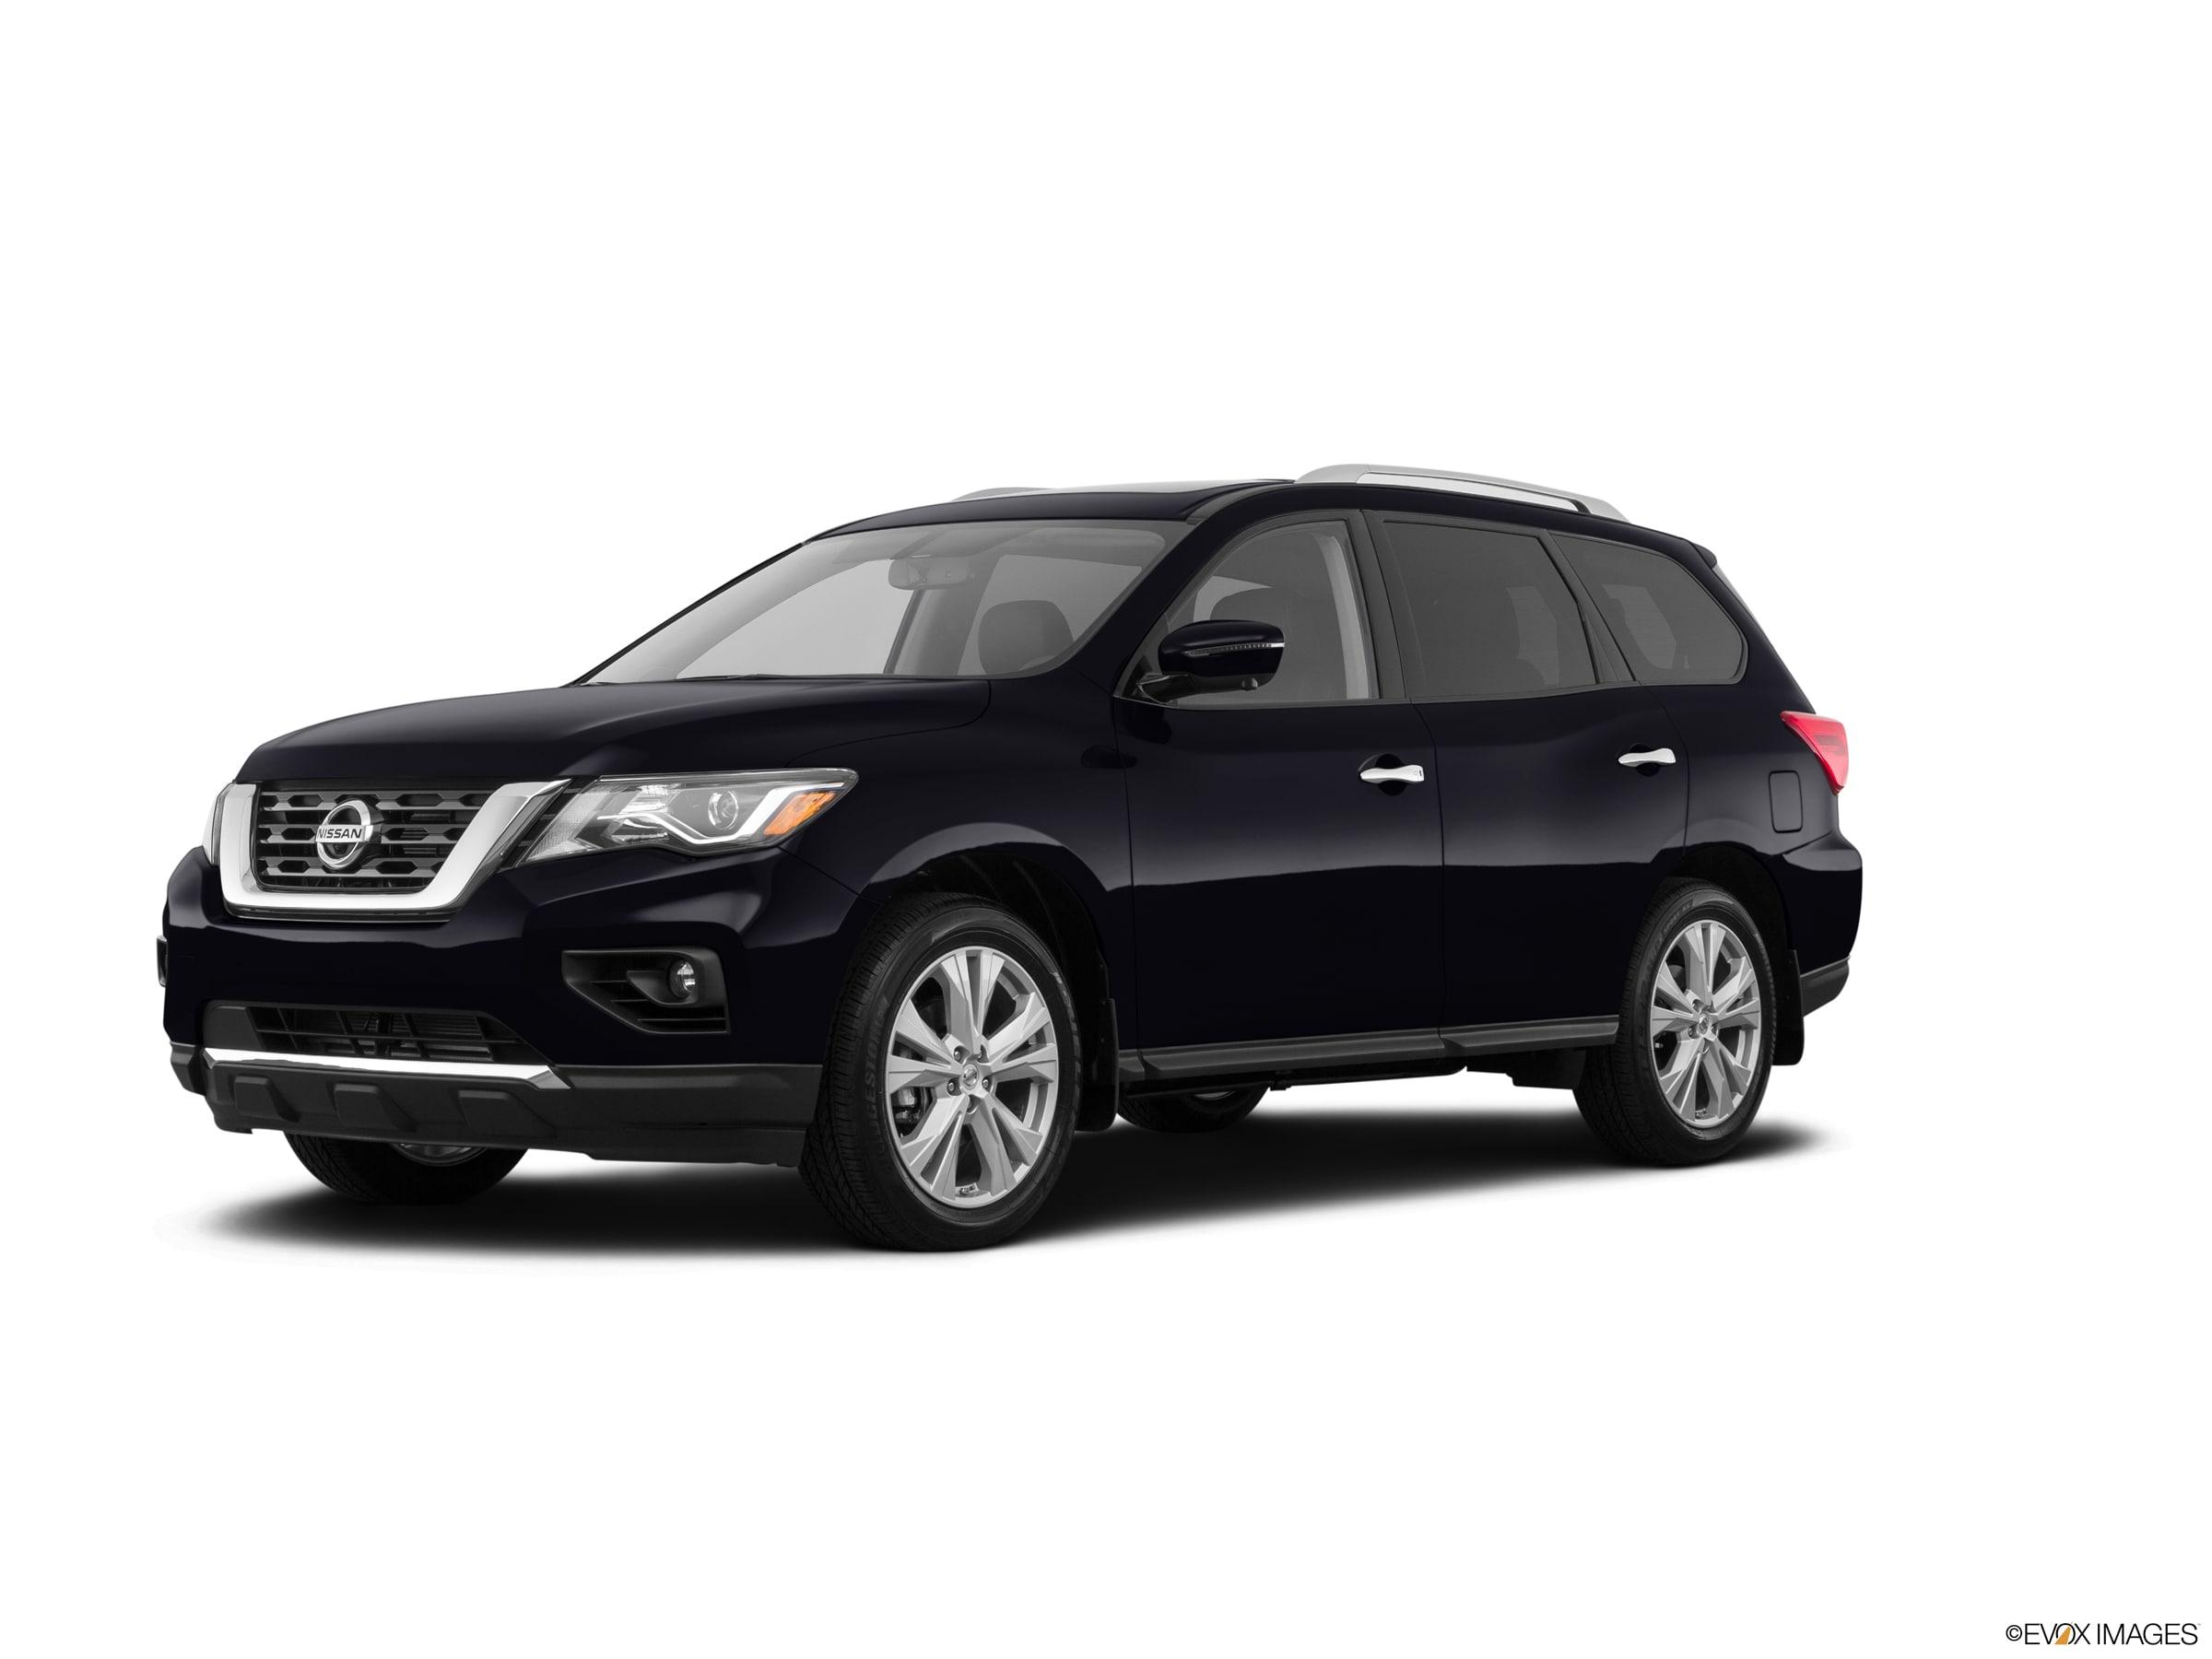 New 2018 Nissan Pathfinder For Sale At Baron Nissan Vin 5n1dr2mm1jc608394